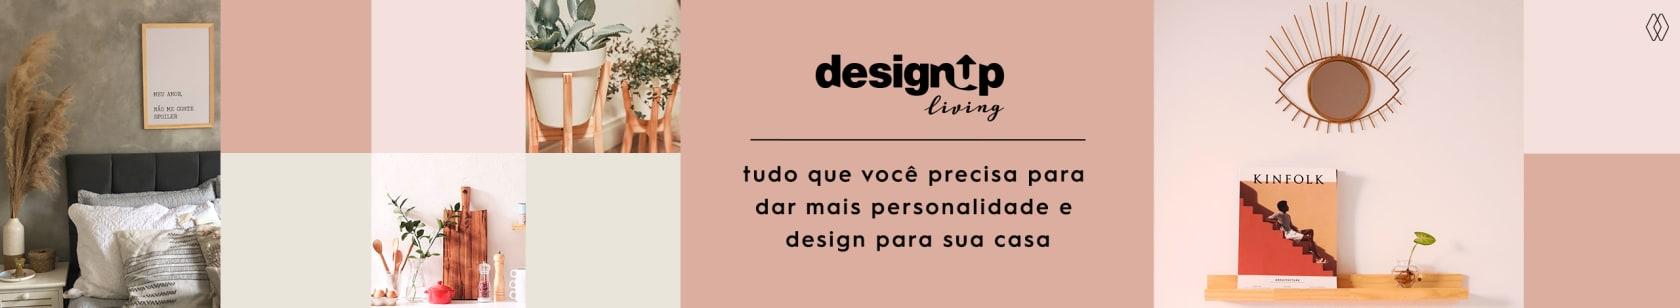 DESIGN UP LIVING | AMARO